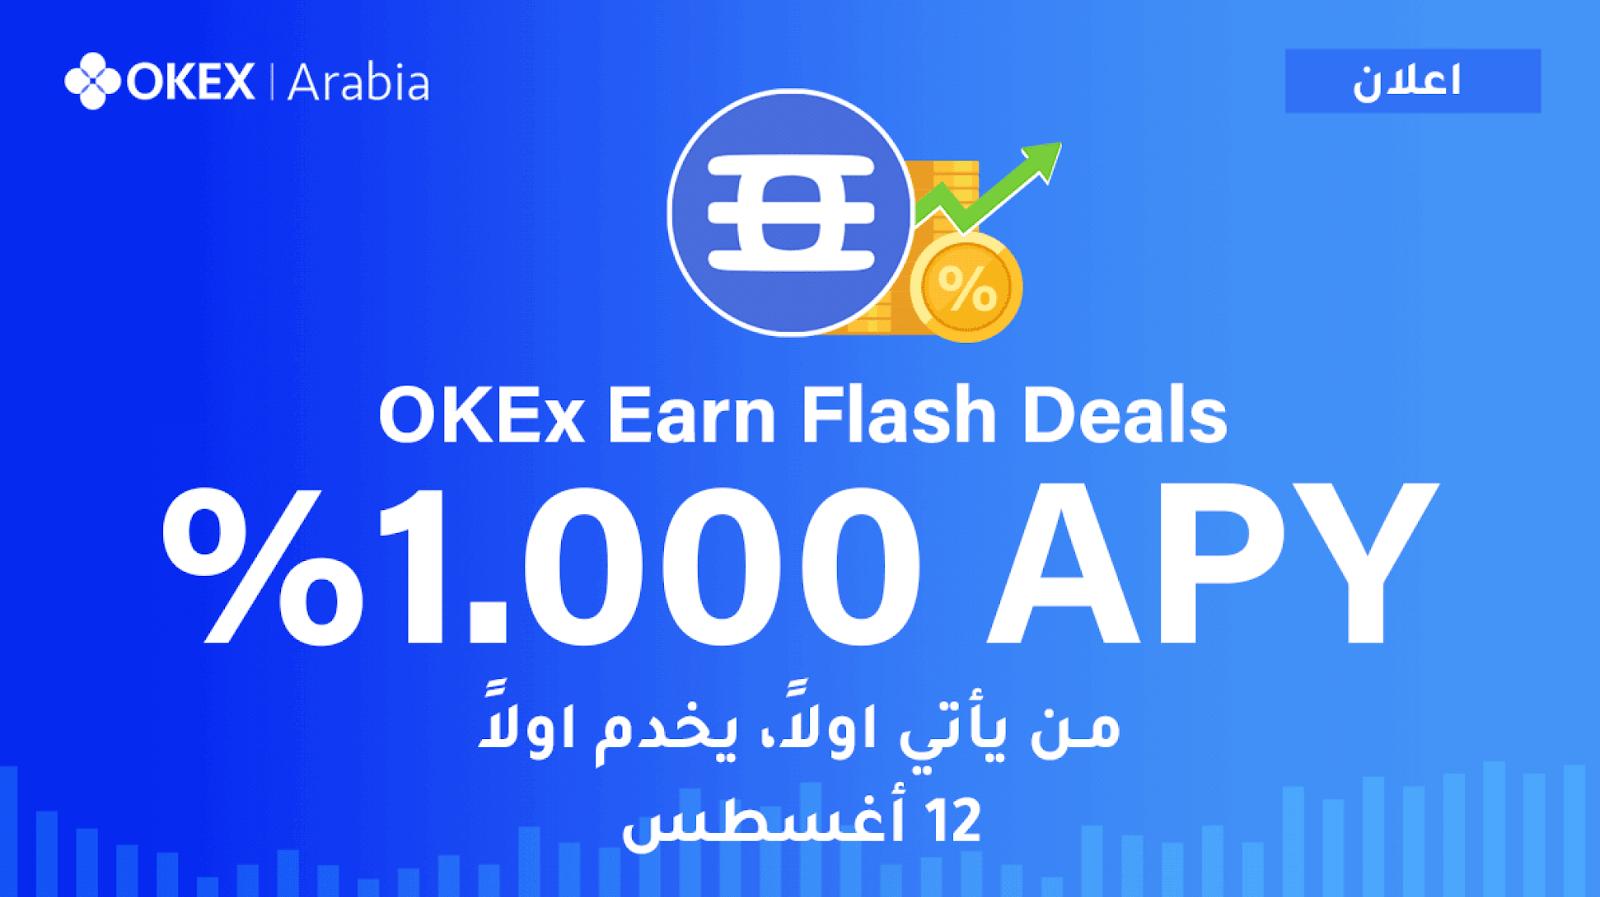 صفقات Flash على OKEx Earn